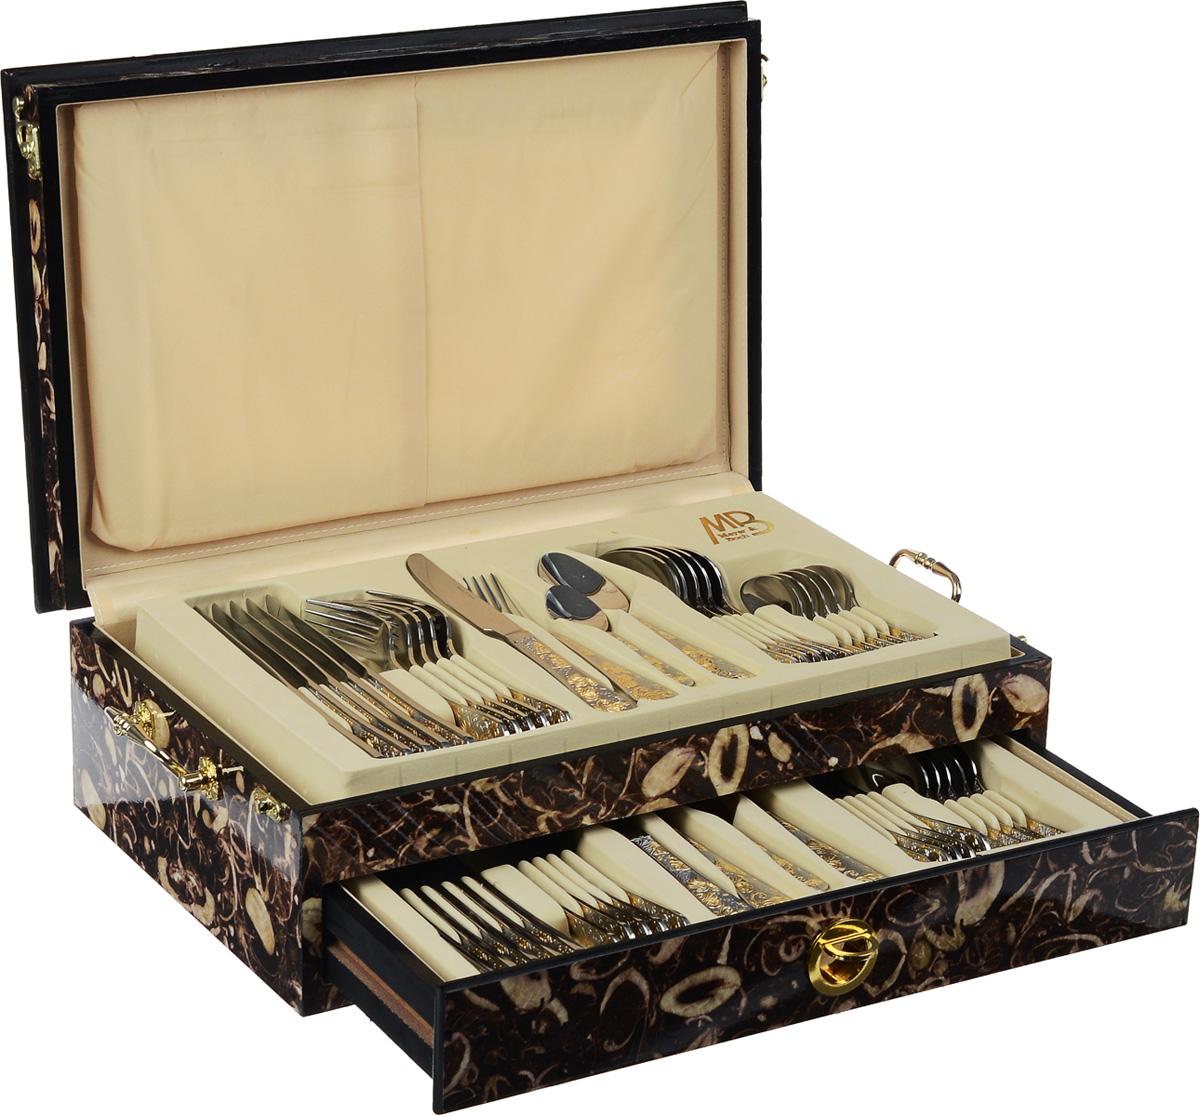 Набор столовых приборов Mayer&Boch, 49 предметов. 24198 набор ножей яркий орнамент 11 предметов